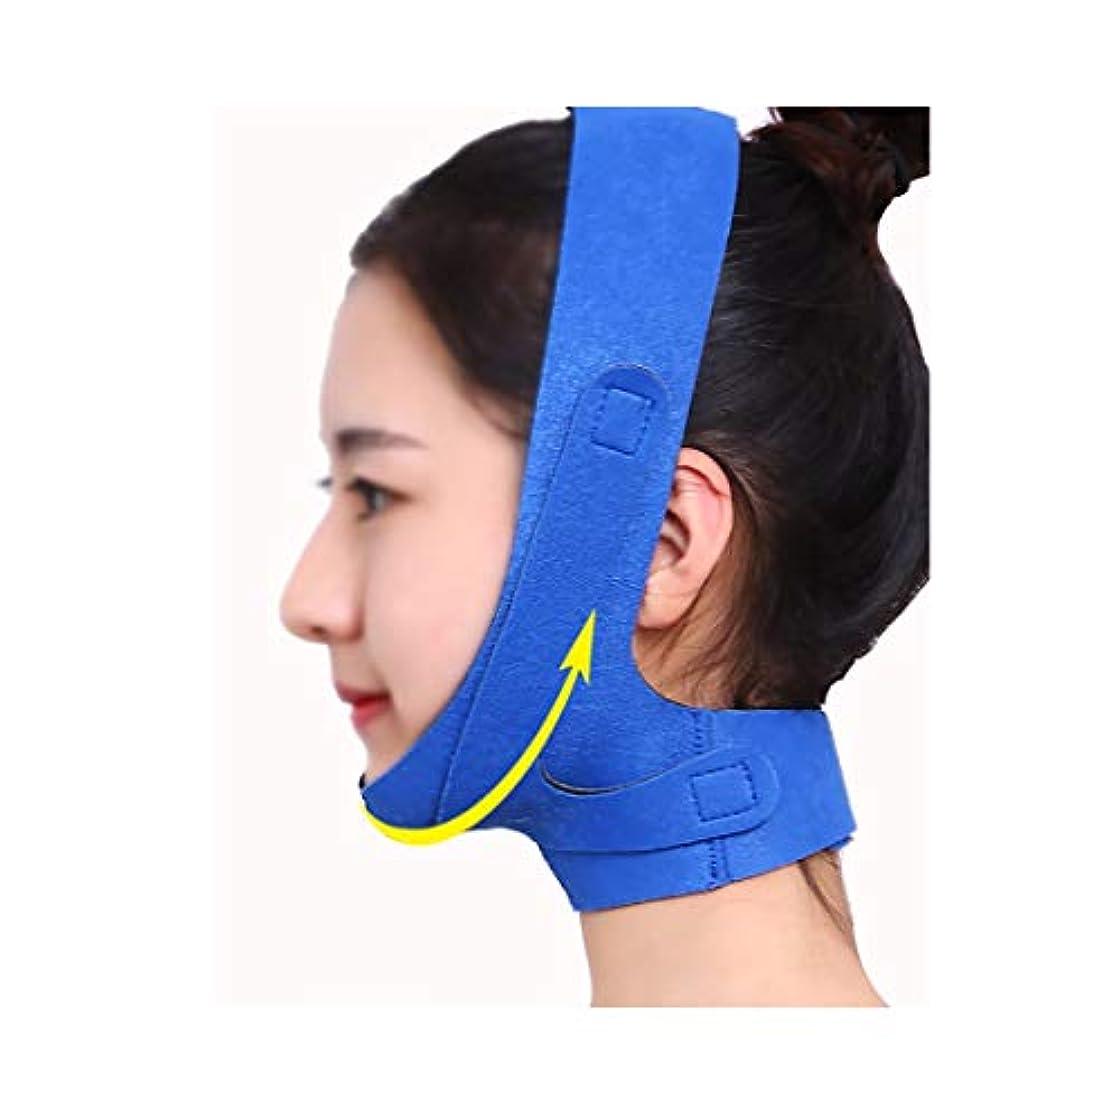 デコラティブ相手服GLJJQMY 薄い顔マスクあごを回復包帯睡眠薄い顔包帯薄い顔マスクフェイスリフトアーチファクト小さいV顔薄い顔美容マスク包帯青い顔マスク 顔用整形マスク